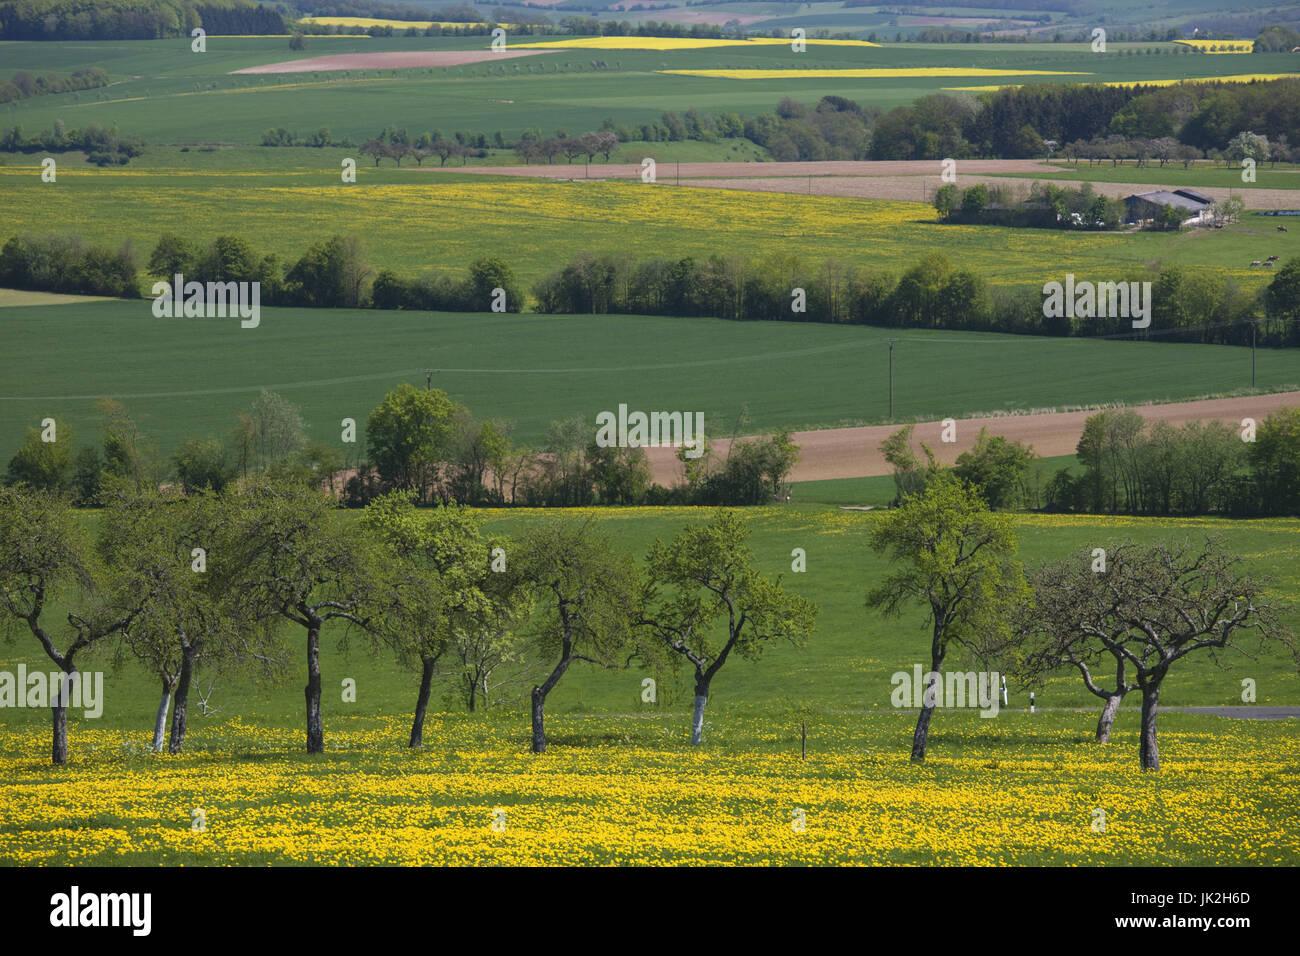 Germany, Rheinland-Pfalz, Mülbach, spring fields, - Stock Image